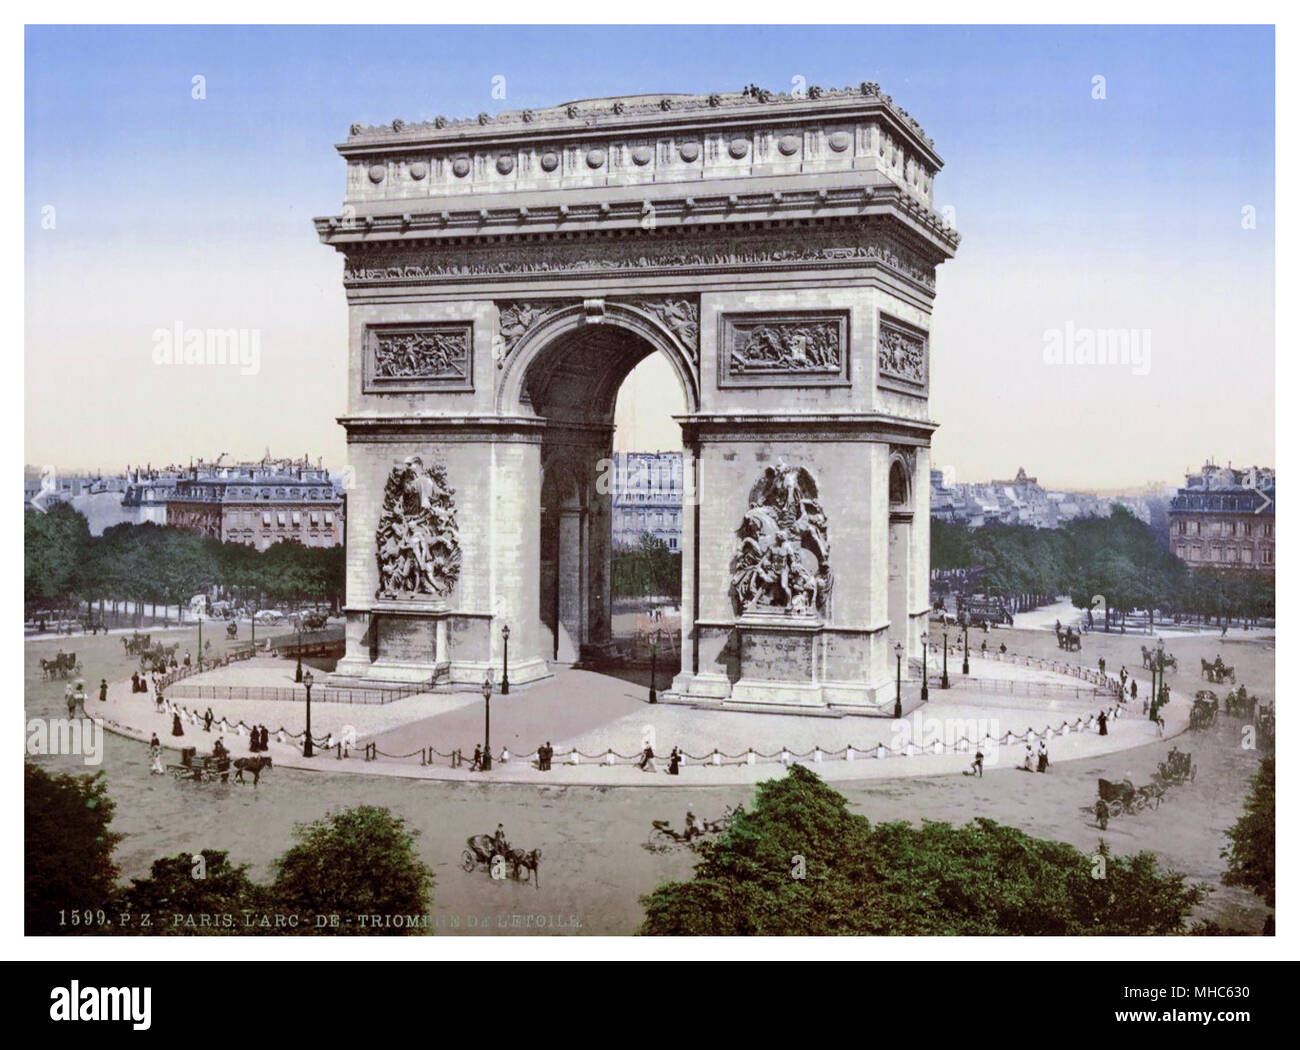 ARC De Triomphe Paris Francia 1890 -1900 Vintage colore storico Francia Photochrom. La litografia a colori storico in pullman e cavalli città di scena a colori Immagini Stock